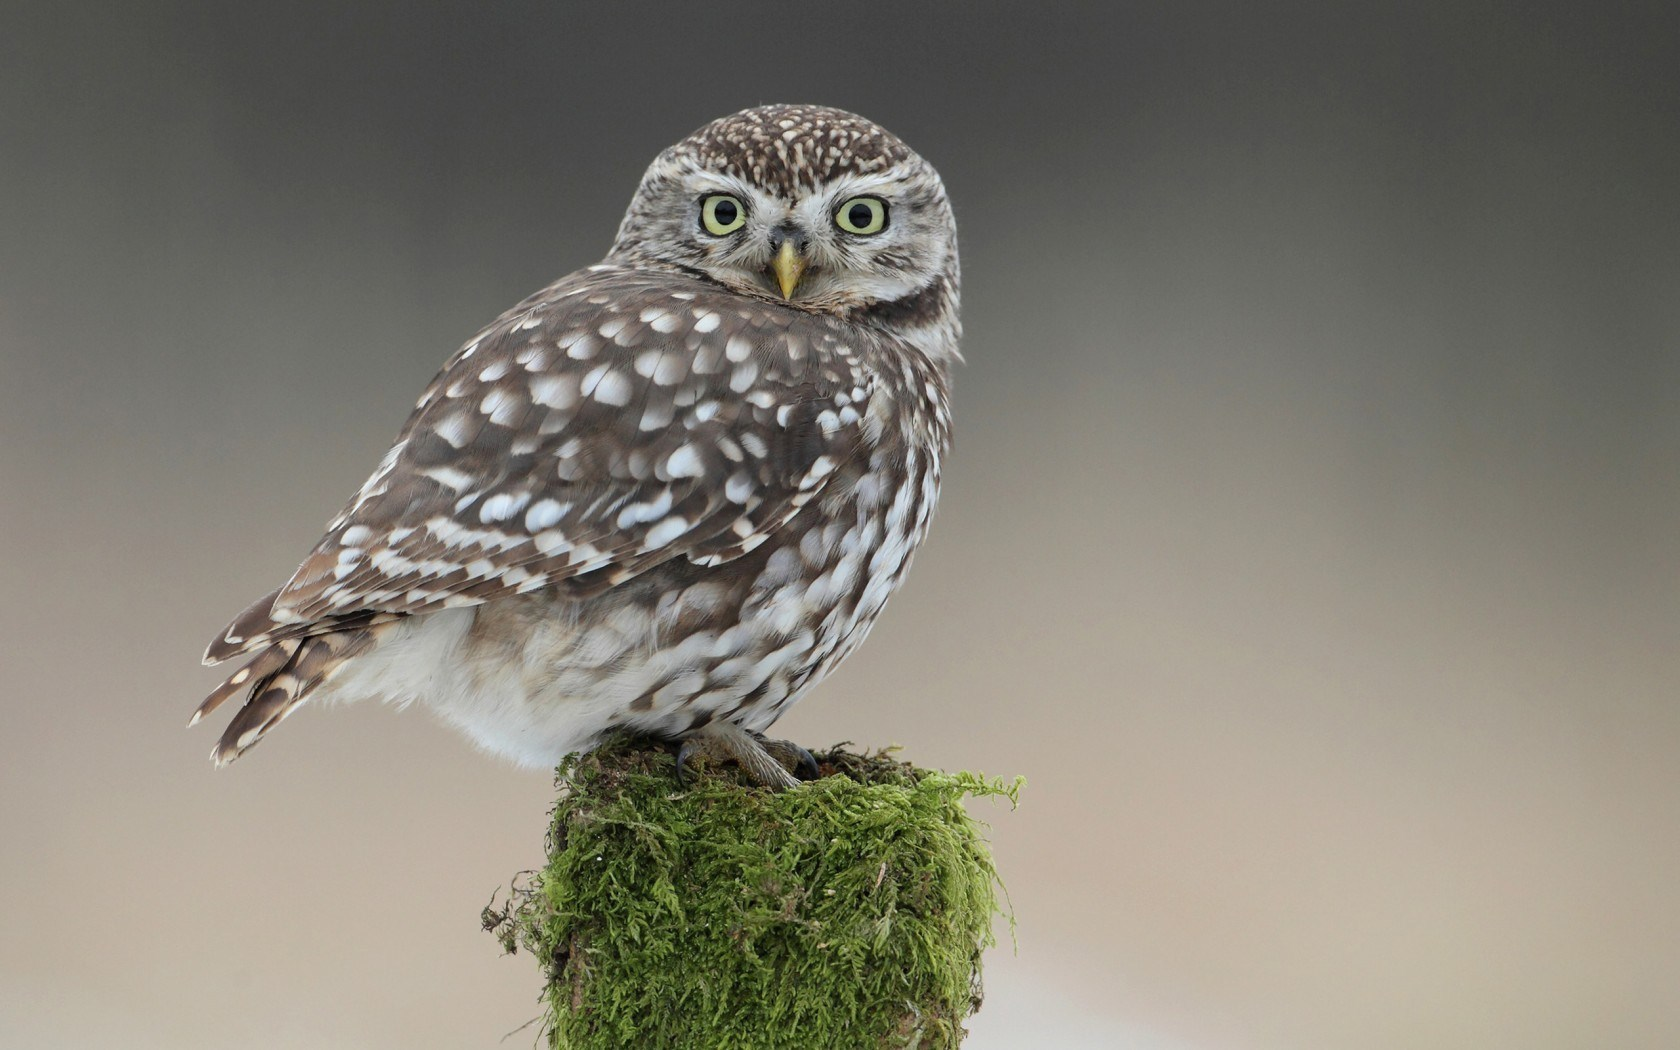 owl bird on tree stump wallpaper 43765